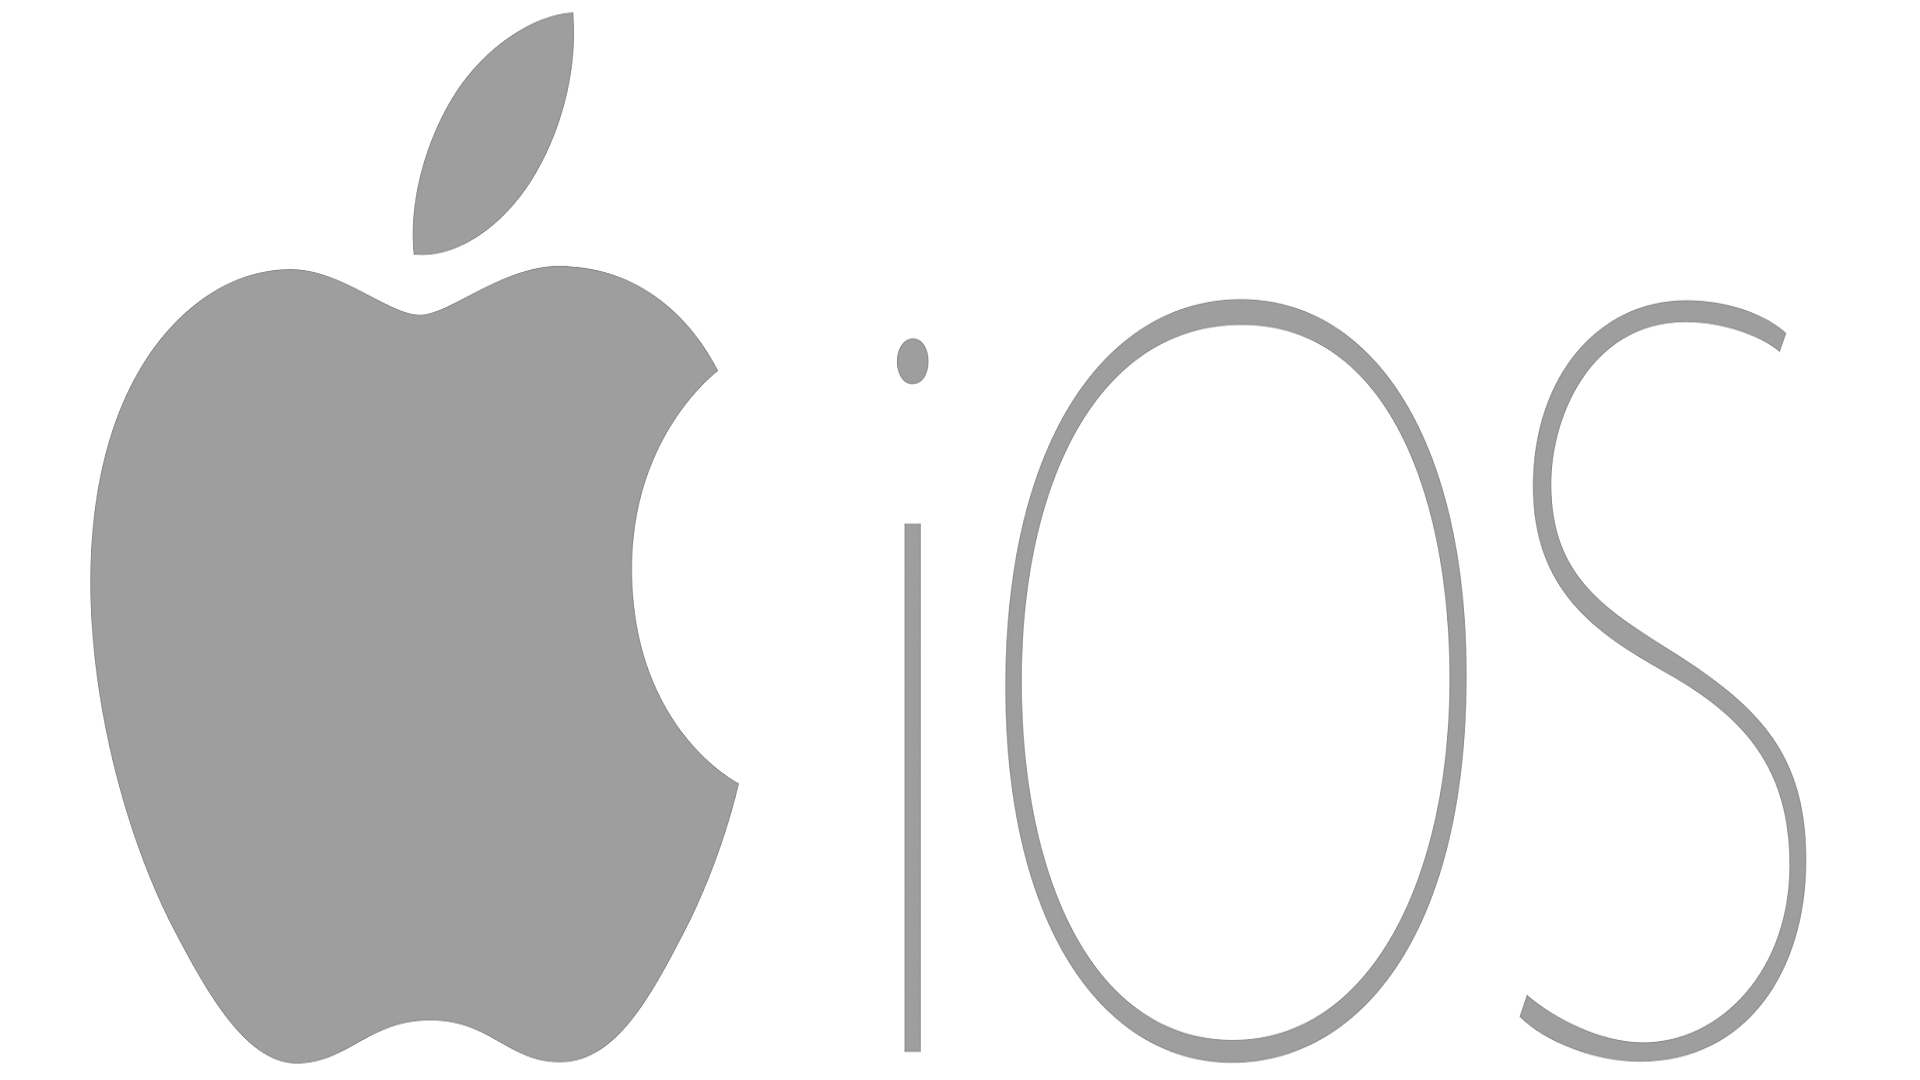 iOS logo Apple